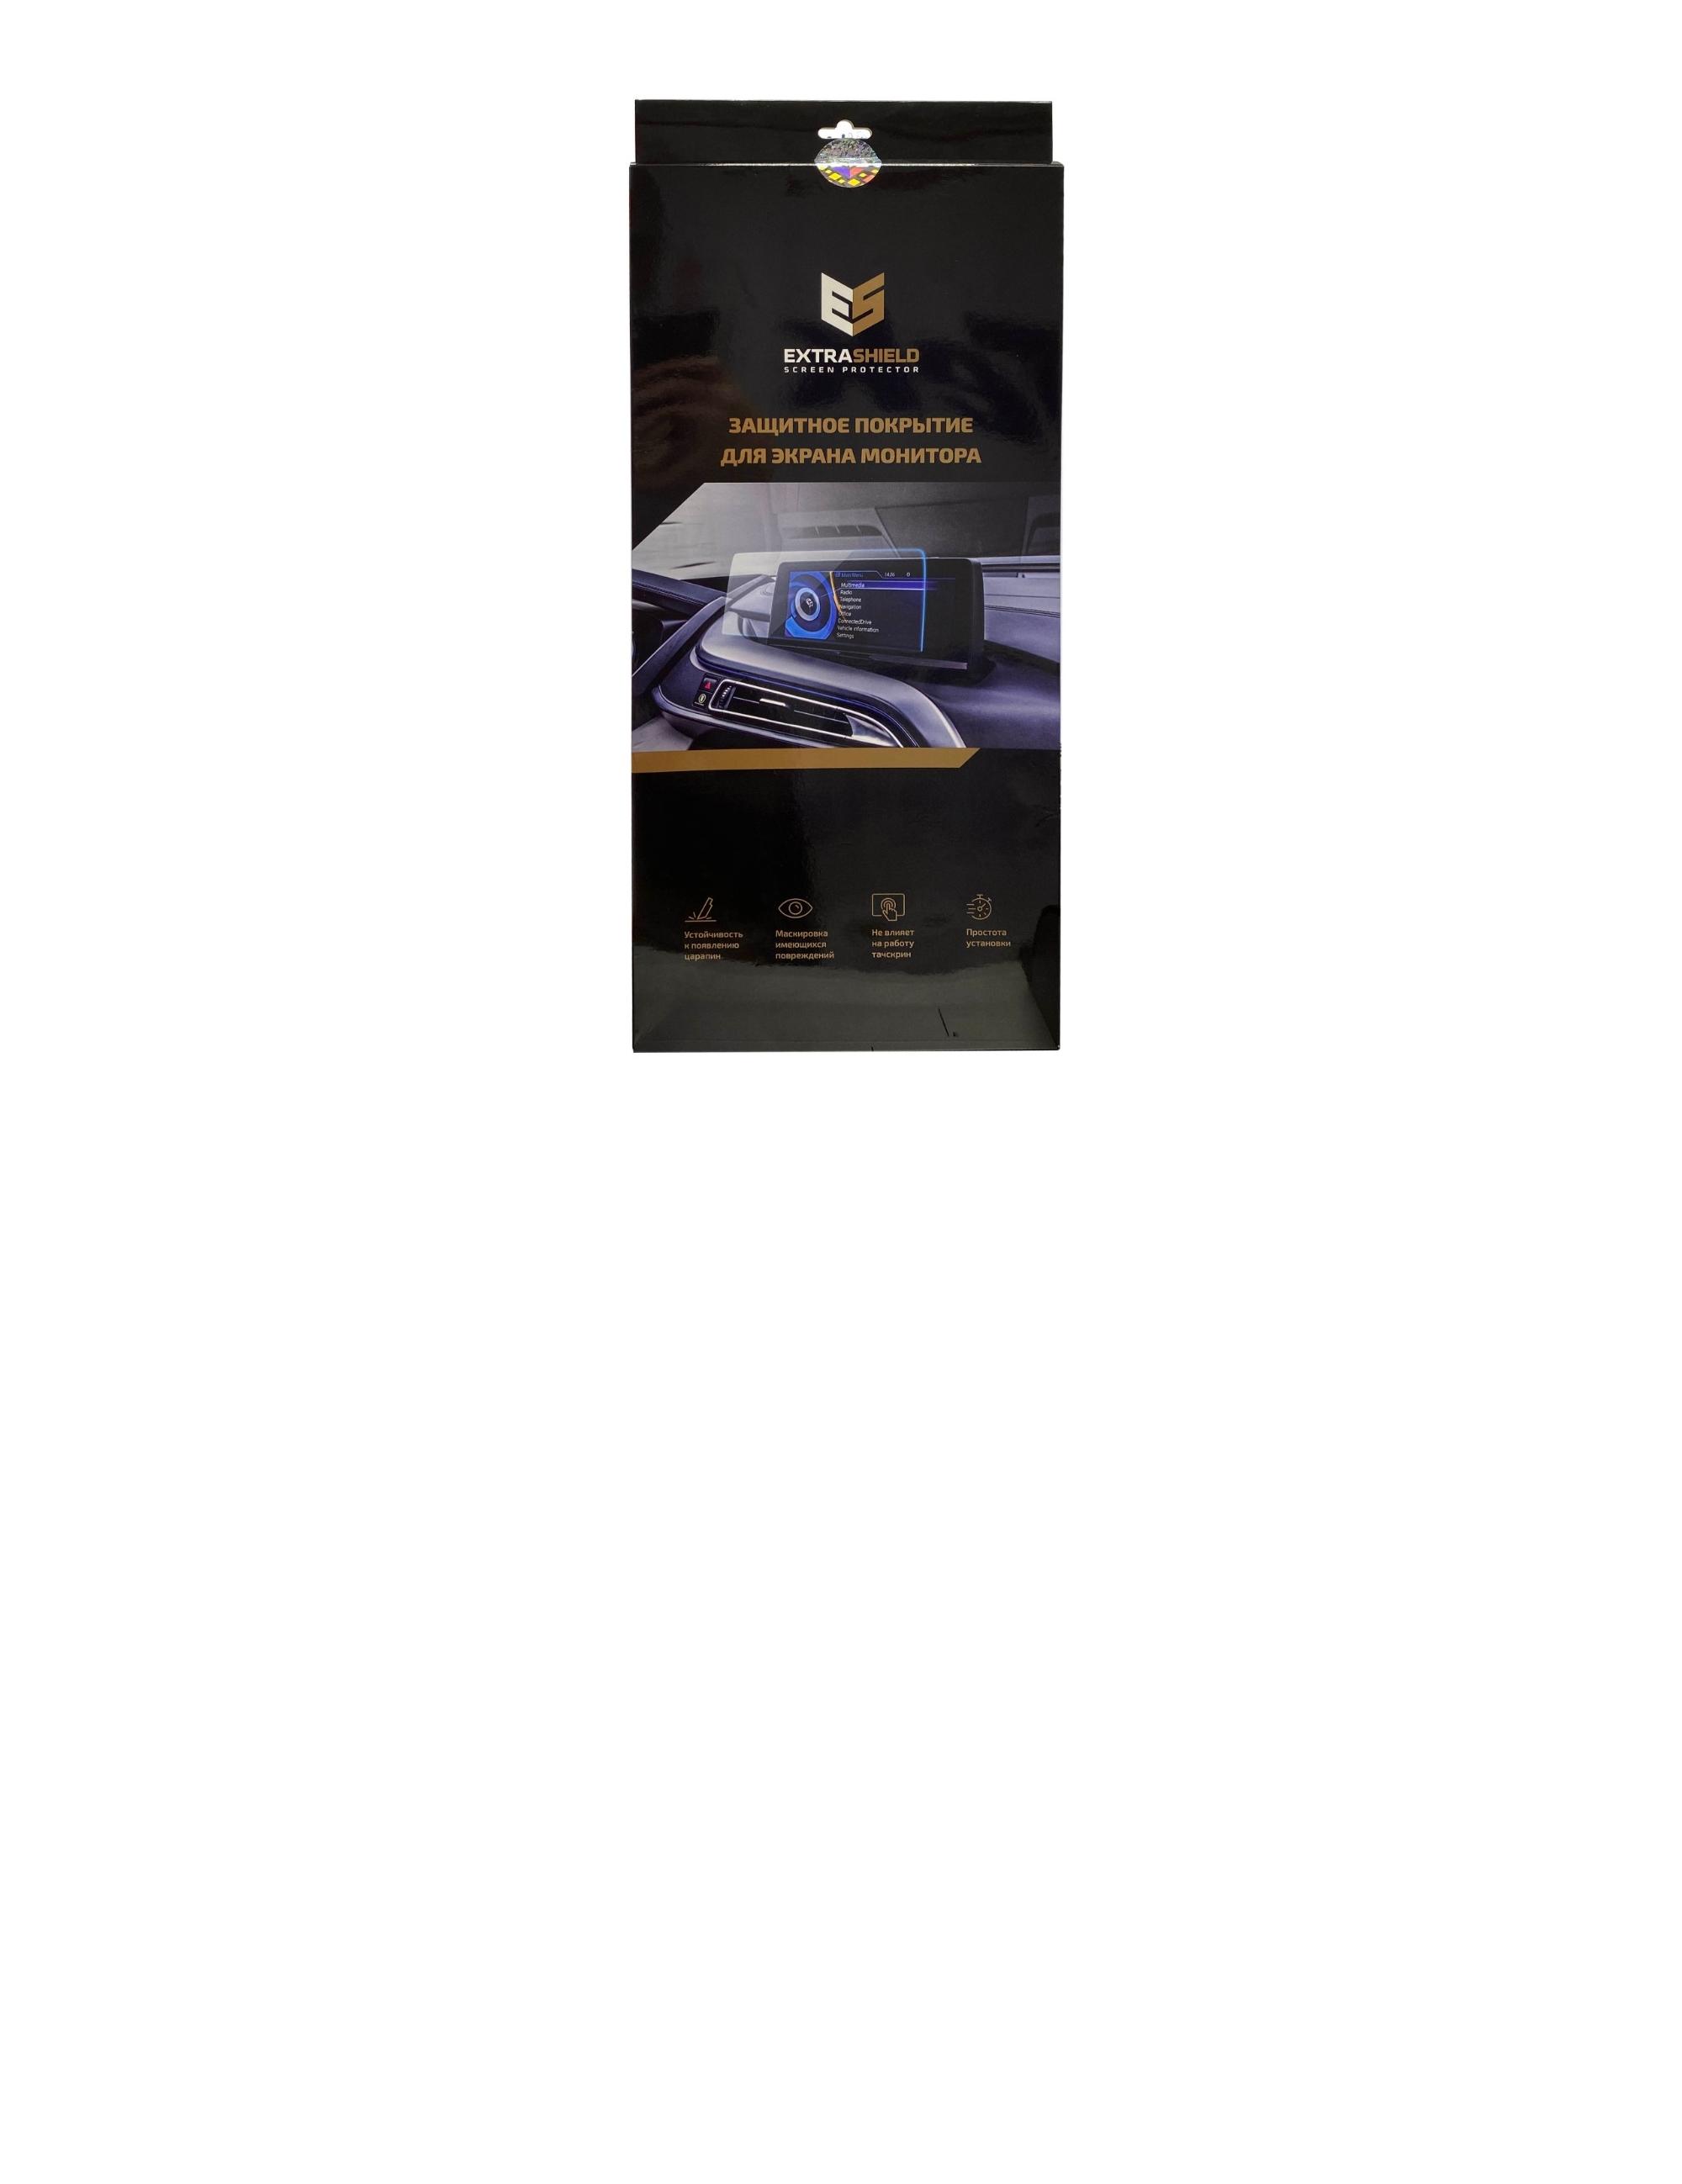 Volkswagen Touareg II (рестайлинг) 2014 - 2018 мультимедиа 8 Защитное стекло Глянец